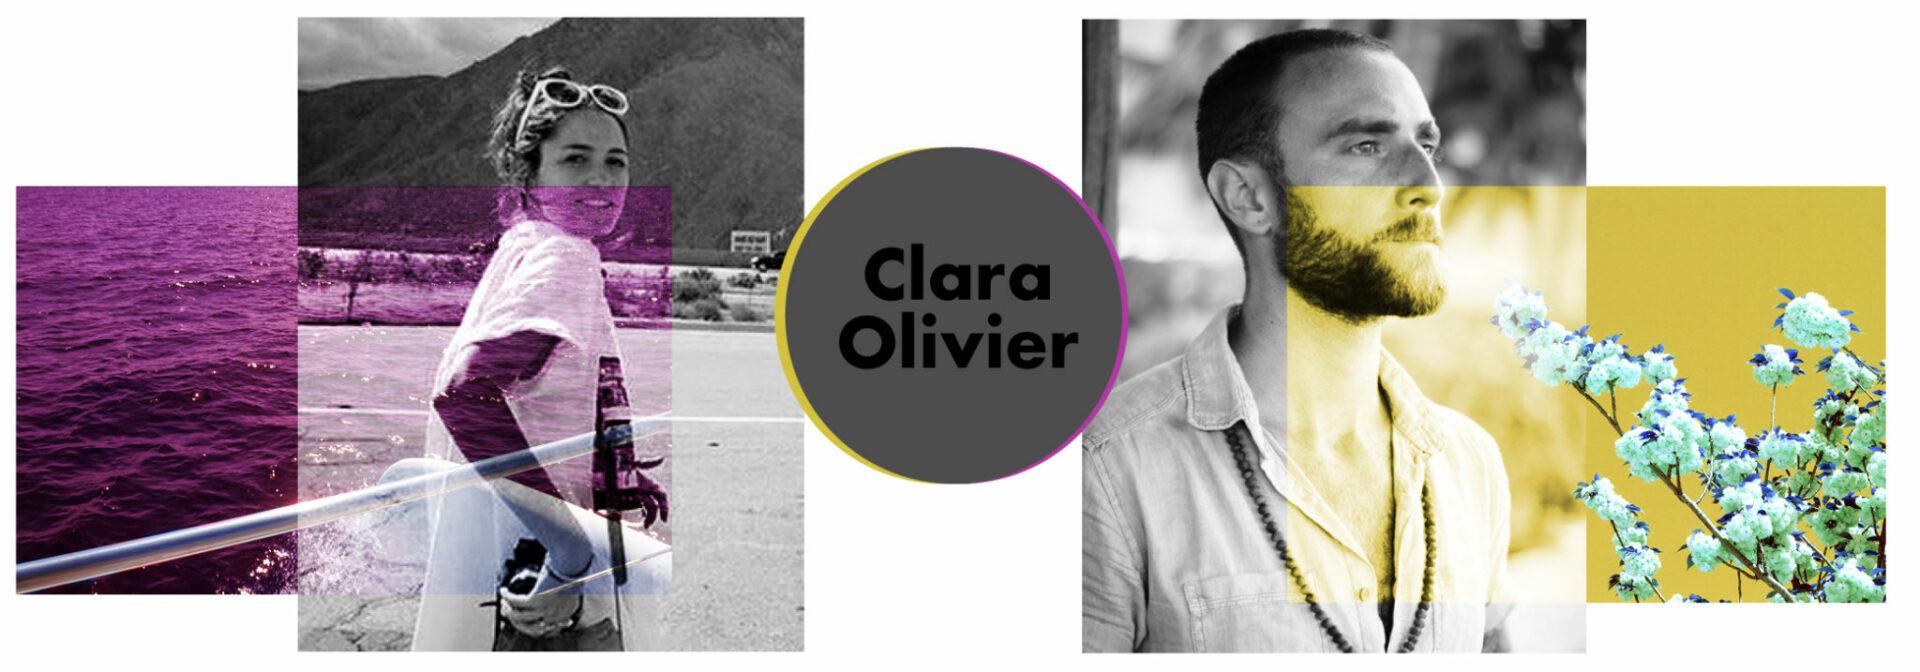 clara olivier - Clara Noguier & Olivier Le Lostec